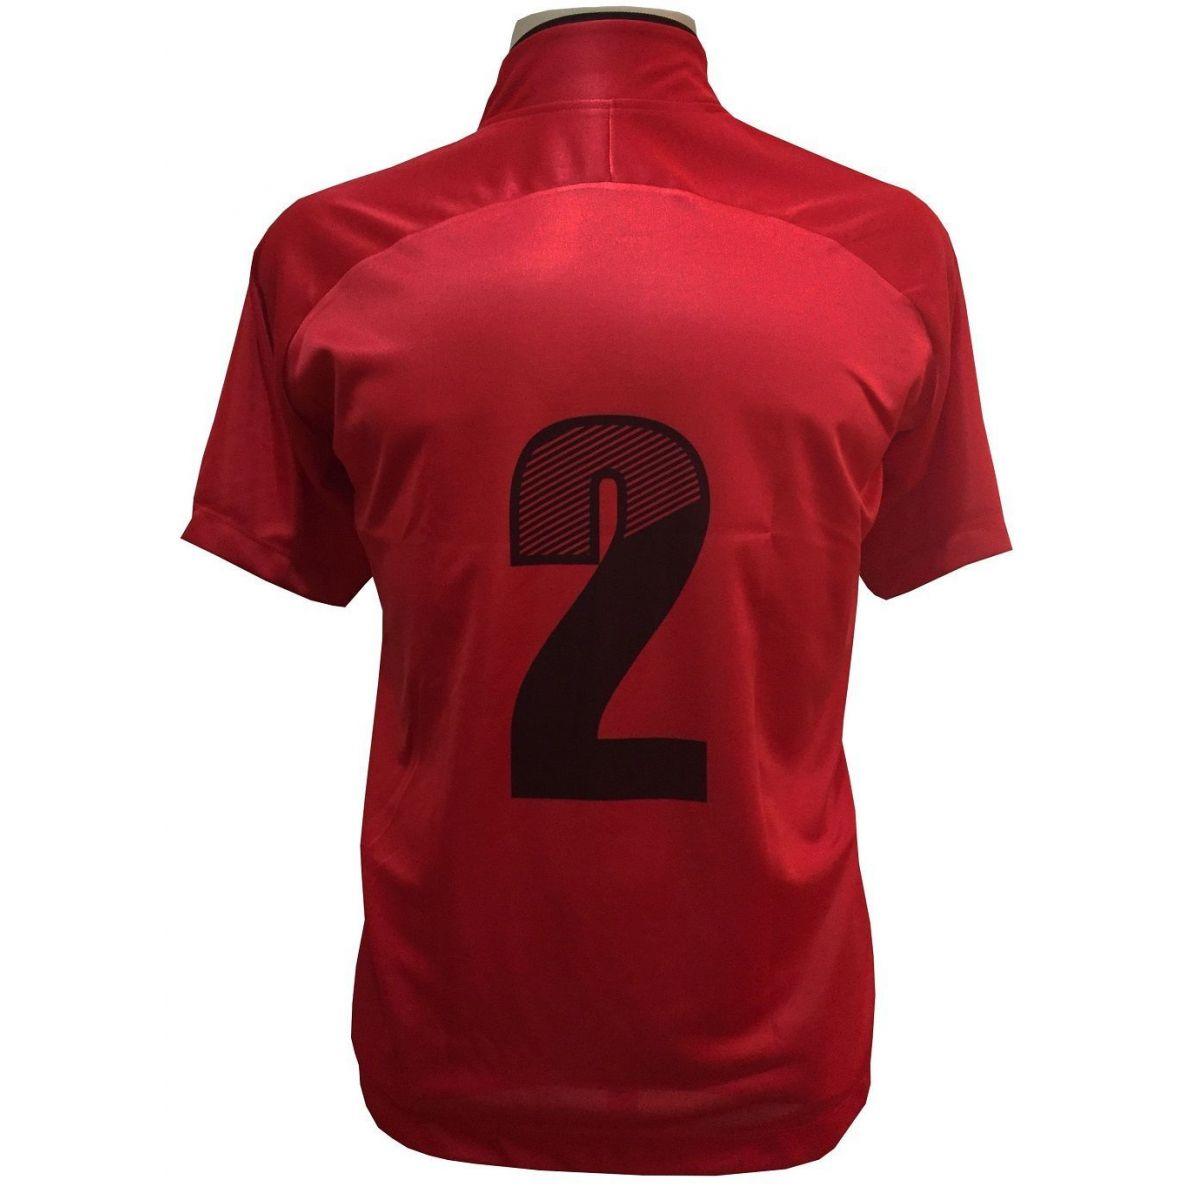 Uniforme Esportivo com 18 Camisas modelo City Vermelho/Preto + 18 Calções modelo Madrid Vermelho